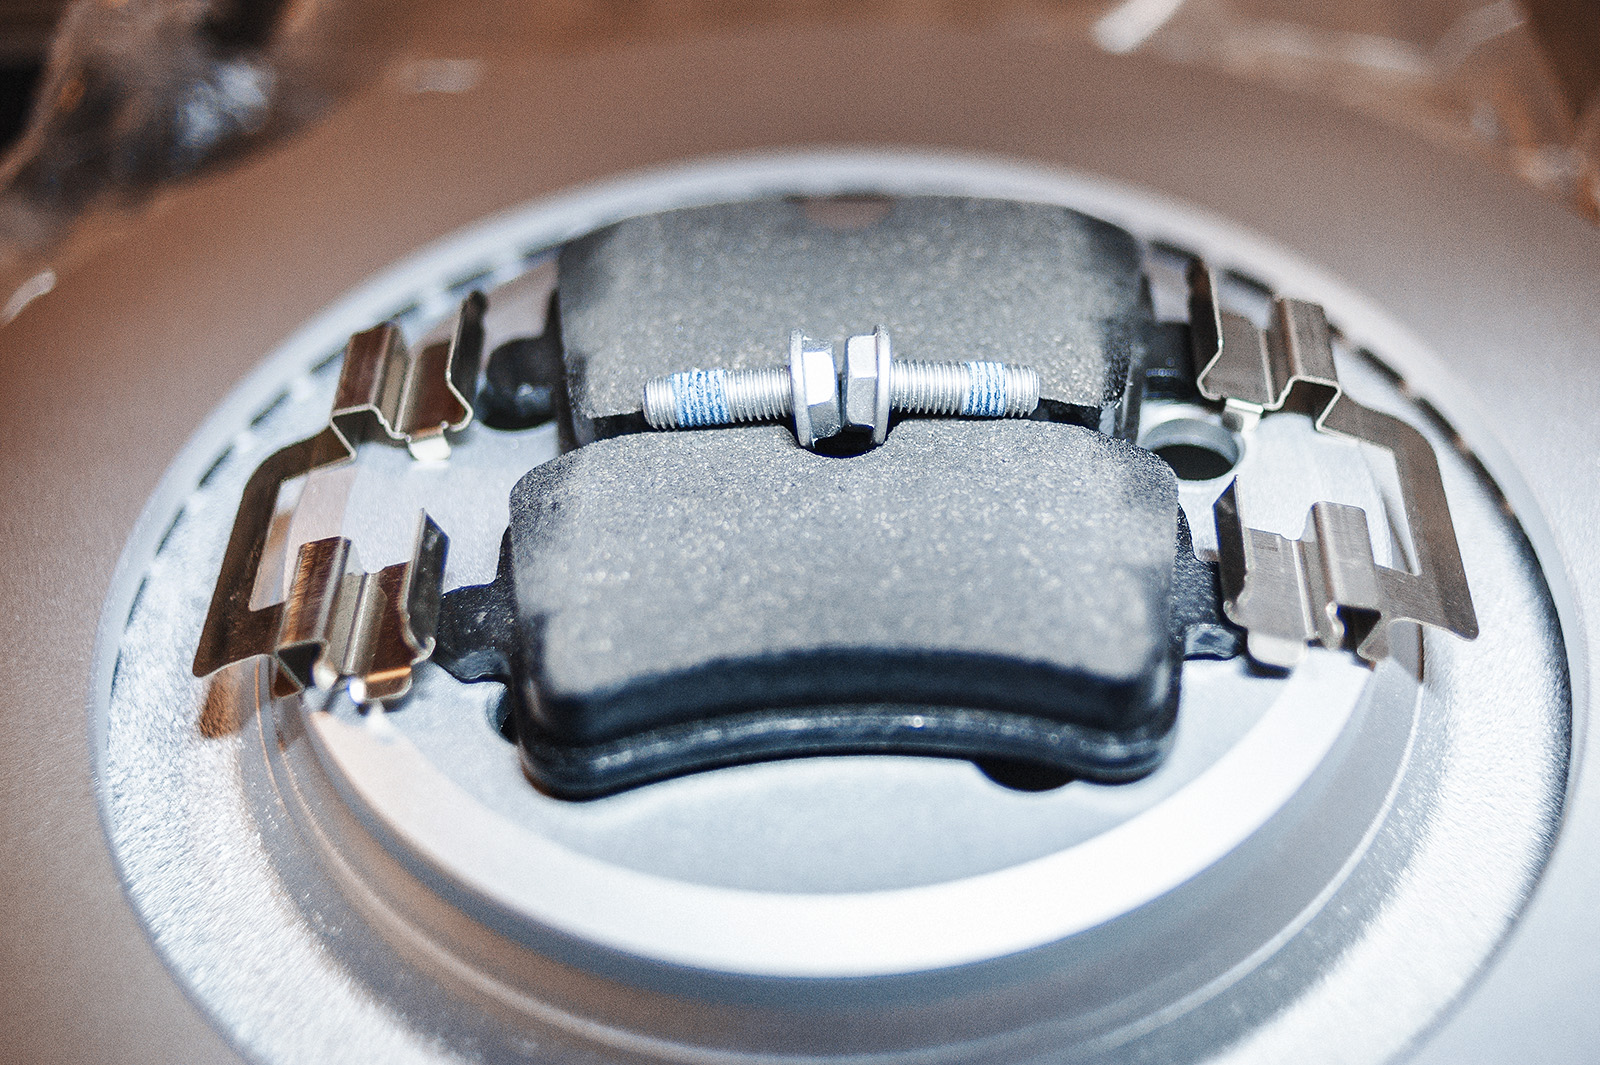 Замена колодок Audi A7 (плюс диски)